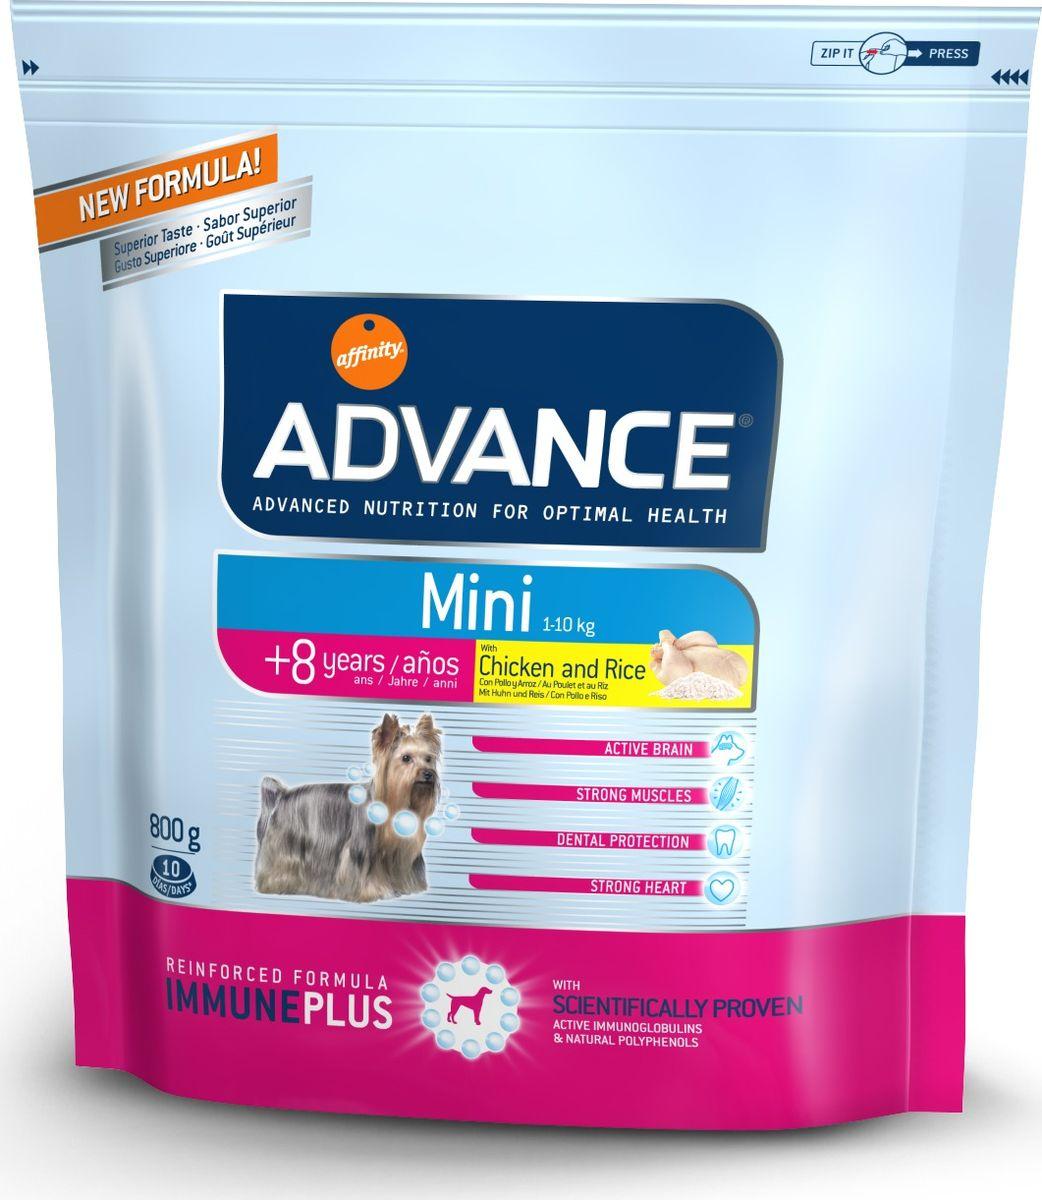 Корму сухой Advance для собак малых пород старше 8 лет Mini Senior, 0,8 кг. 5471190120710Advance – высококачественный корм супер-премиум класса Испанской компании Affinity Petcare, которая занимает лидирующие места на Европейском и мировом рынках. Корм разработан с учетом всех особенностей развития и жизнедеятельности собак и кошек. В линейке кормов Advance любой хозяин может подобрать необходимое питание в соответствии с возрастом и уникальными особенностями своего животного, а также в случае назначения специалистами ветеринарной диеты. Курица (16%), мука из маиса, дегидрированное мясо курицы,пшеница, рис (10%), мука из пшеницы, маис, гидролизированный белок животного происхождения, животный жир, свекольный жом, кукурузые отруби, яичный порошок, дрожжи, рыбий жир, хлористый калий, плазменный протеин, карбонат кальция, пирофосфорнокислый натрий, глюкозамин, хондроитин сульфат, природные полифенолы.Affinity Petcare имеет собственную лабораторию, а также сотрудничает со множеством международных исследовательских центров, благодаря чему специалисты постоянно совершенствуют рецептуру и полезные свойства своих кормов.В составе главным источником белка является СВЕЖЕЕ мясо, благодаря которому корм обладает высокими вкусовыми качествами, а также высокой питательной ценностью.